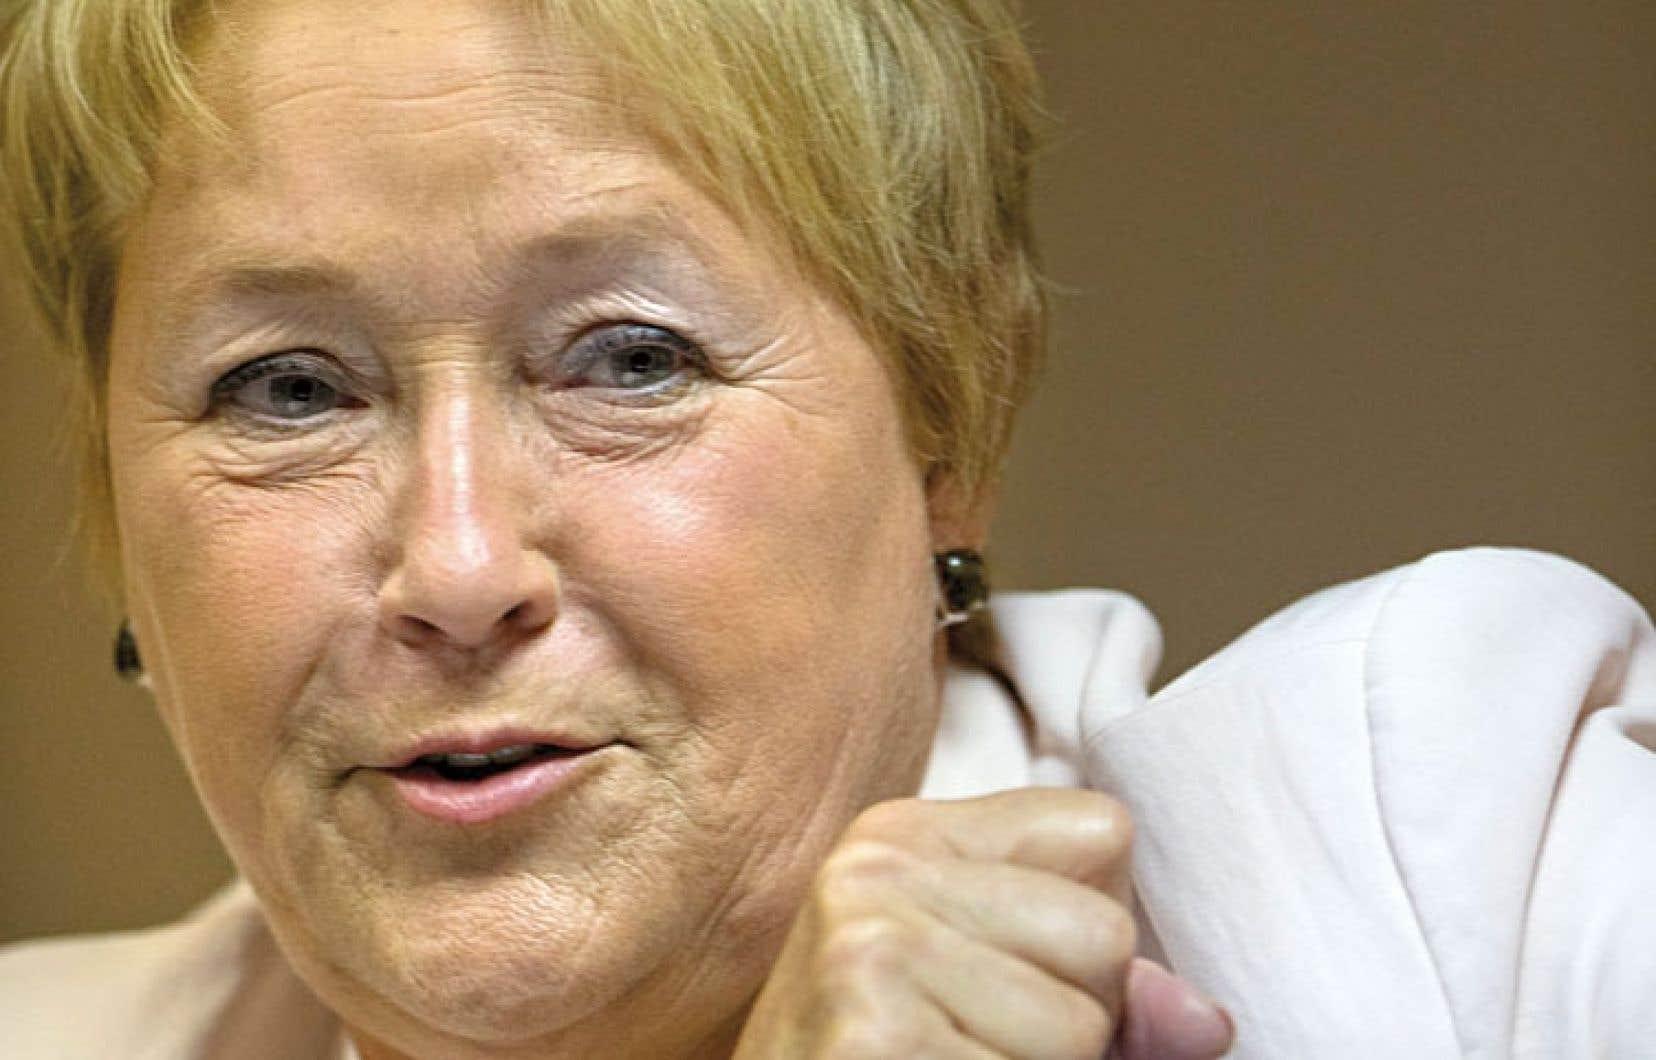 Commentant les réactions négatives au Canada anglais, Pauline Marois se défend bien de vouloir mettre de l'huile sur le feu. «L'objectif, ce n'est pas de provoquer.»